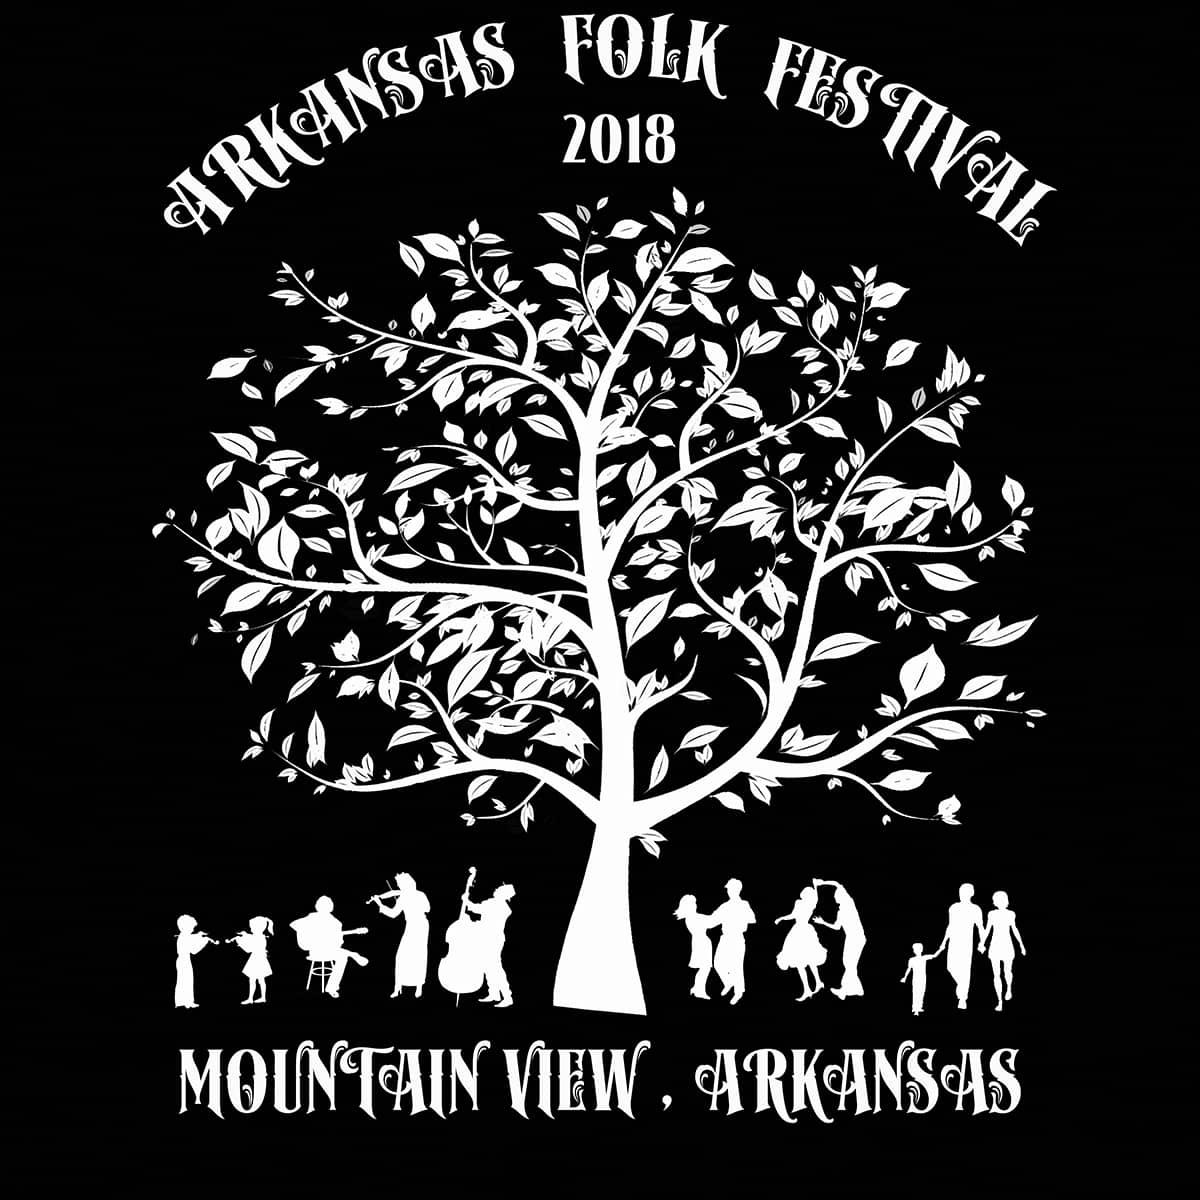 FolkFest2018T-shirt.jpg